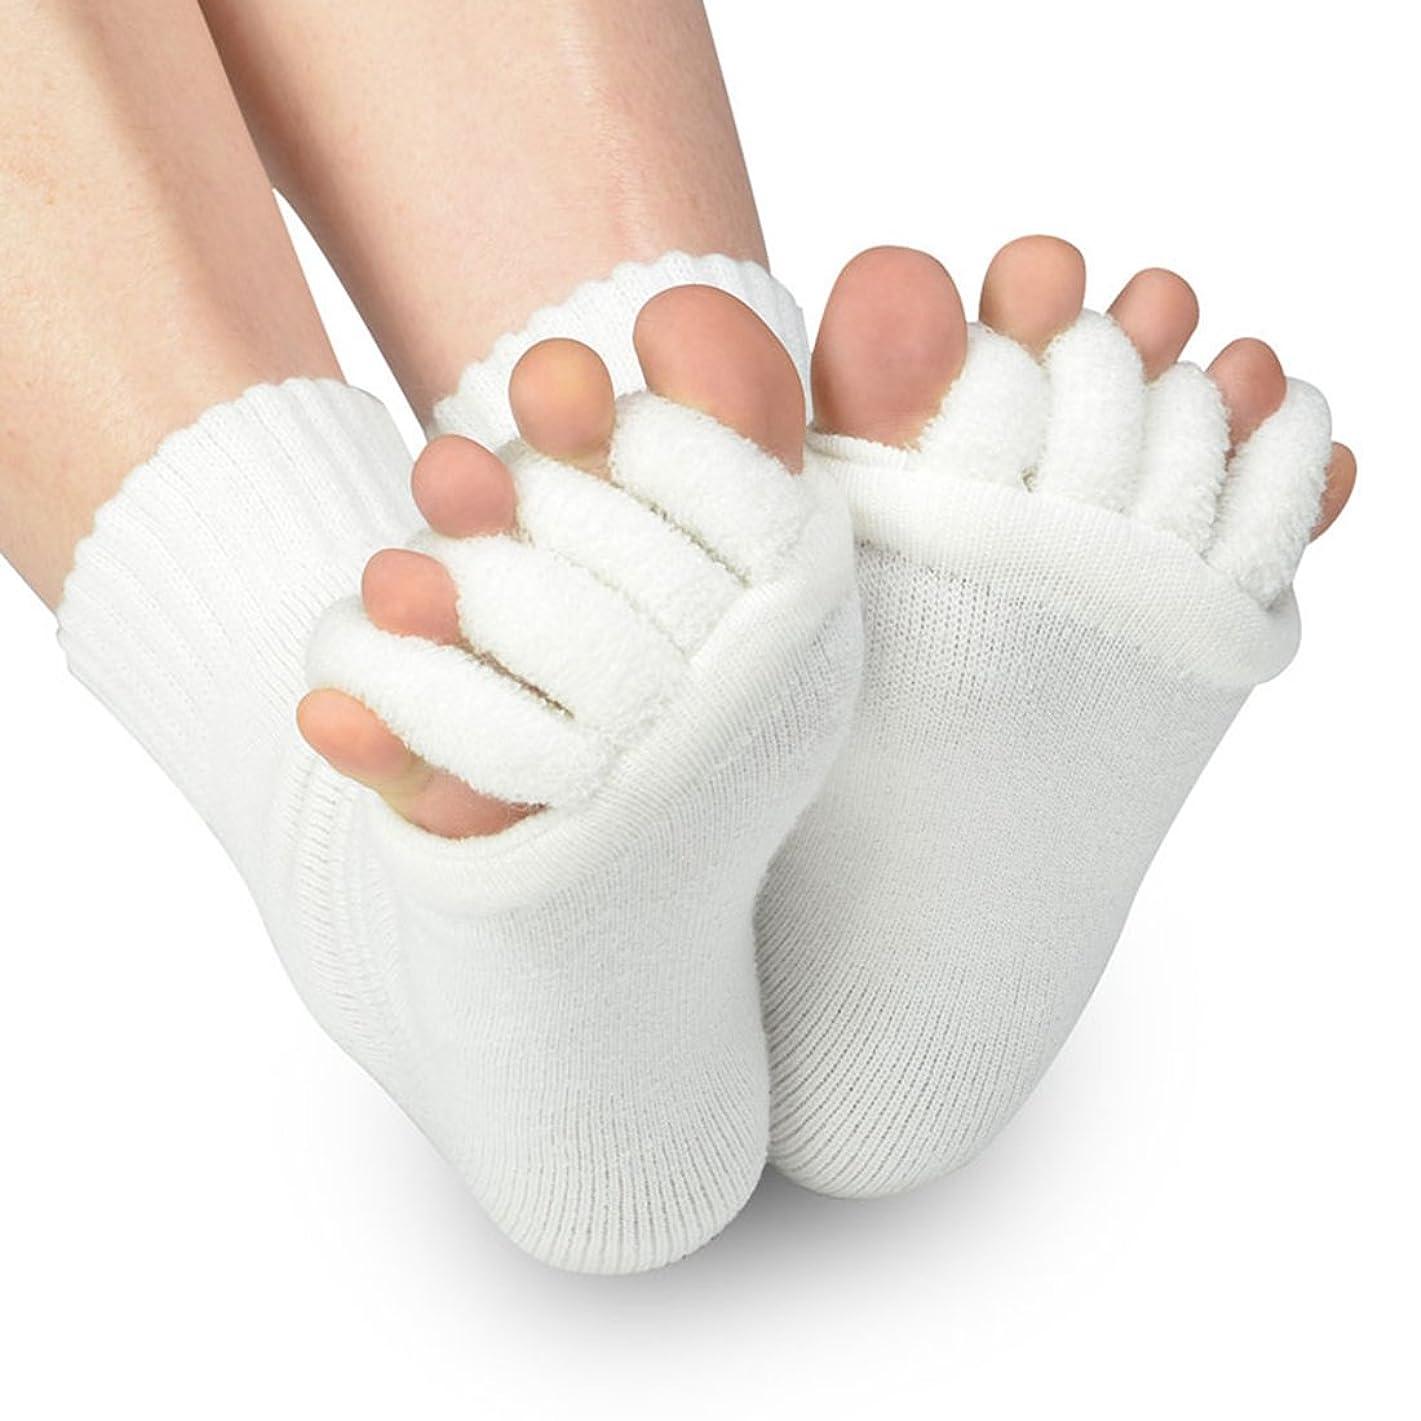 脊椎シャーク過度にB-PING 靴下 足指開き綿混5本指ハーフソックス 血行不良からくる足のむくみを即解消 足指開き 足指全開 男女兼用 履くだけで癒される 偏平足 対策 むくみ解消